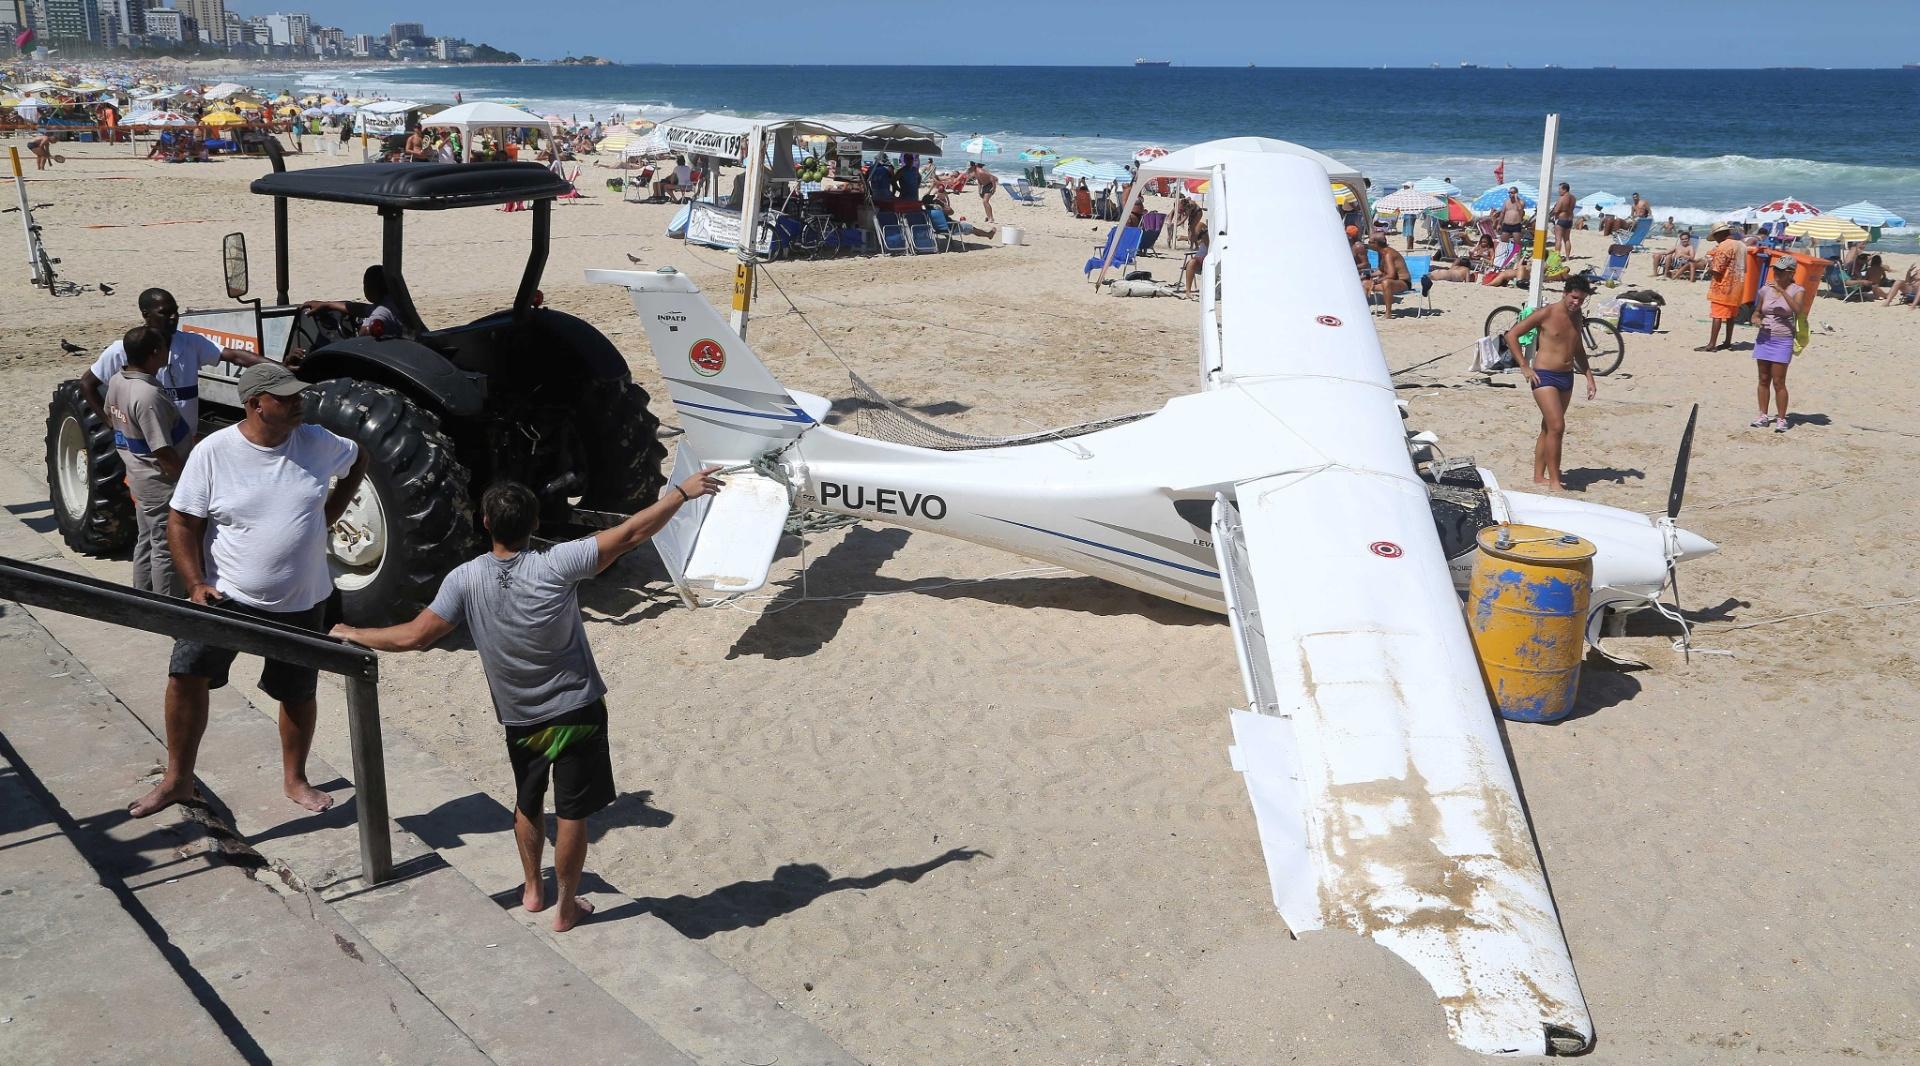 11.abr.2015 - Avião monomotor que caiu no mar nesta sexta-feira a 200 metros da praia do Leblon, na zona sul do Rio de Janeiro, foi removida durante a manhã deste sábado. A aeronave, que tinha dois tripulantes, foi forçada a fazer um pouso de emergência. Os dois tripulantes foram socorridos por pescadores e atendidos por guarda-vidas